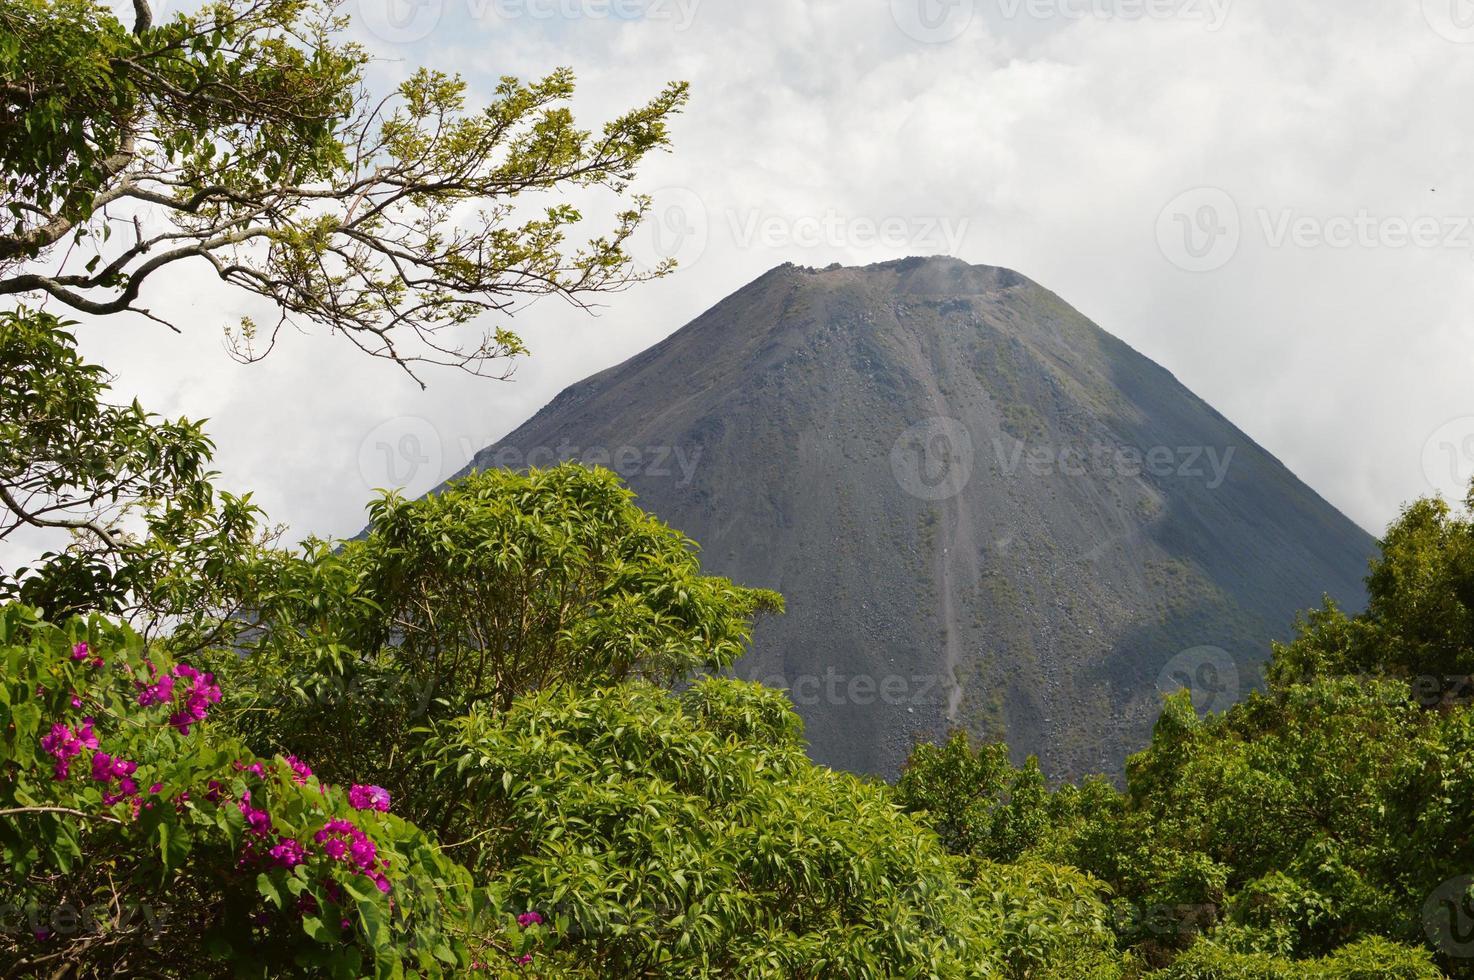 pico perfeito do vulcão ativo izalco em el salvador foto